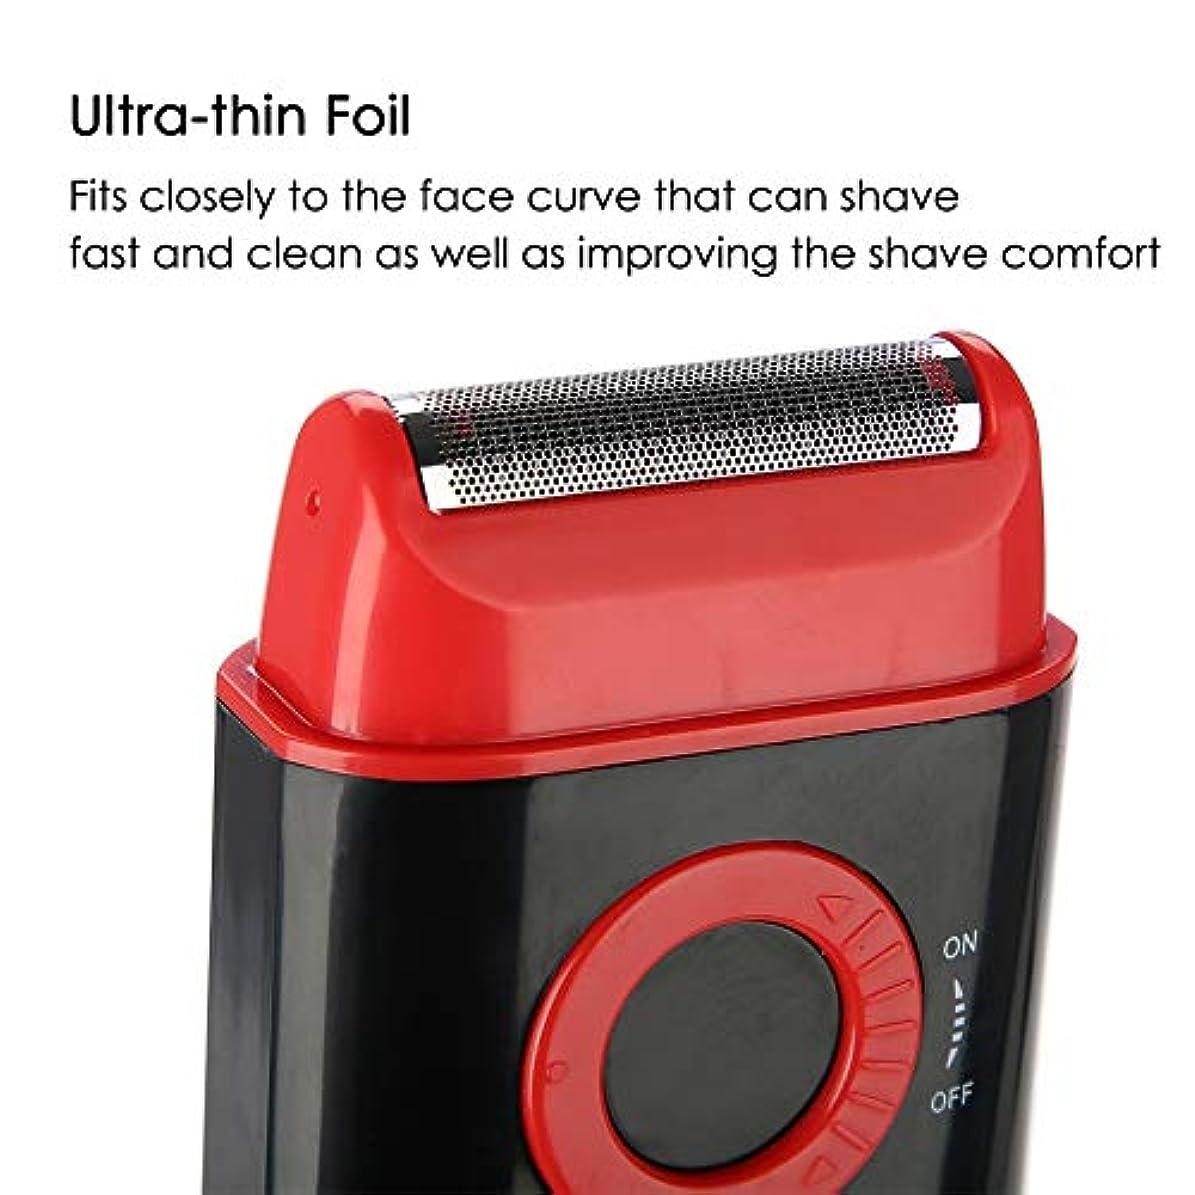 雄弁熟達したカスケード電気シェーバー 剃刀 男性 超薄型箔ポップアップひげトリマー単3電池のパワーシェービングカミソリ (レッド)